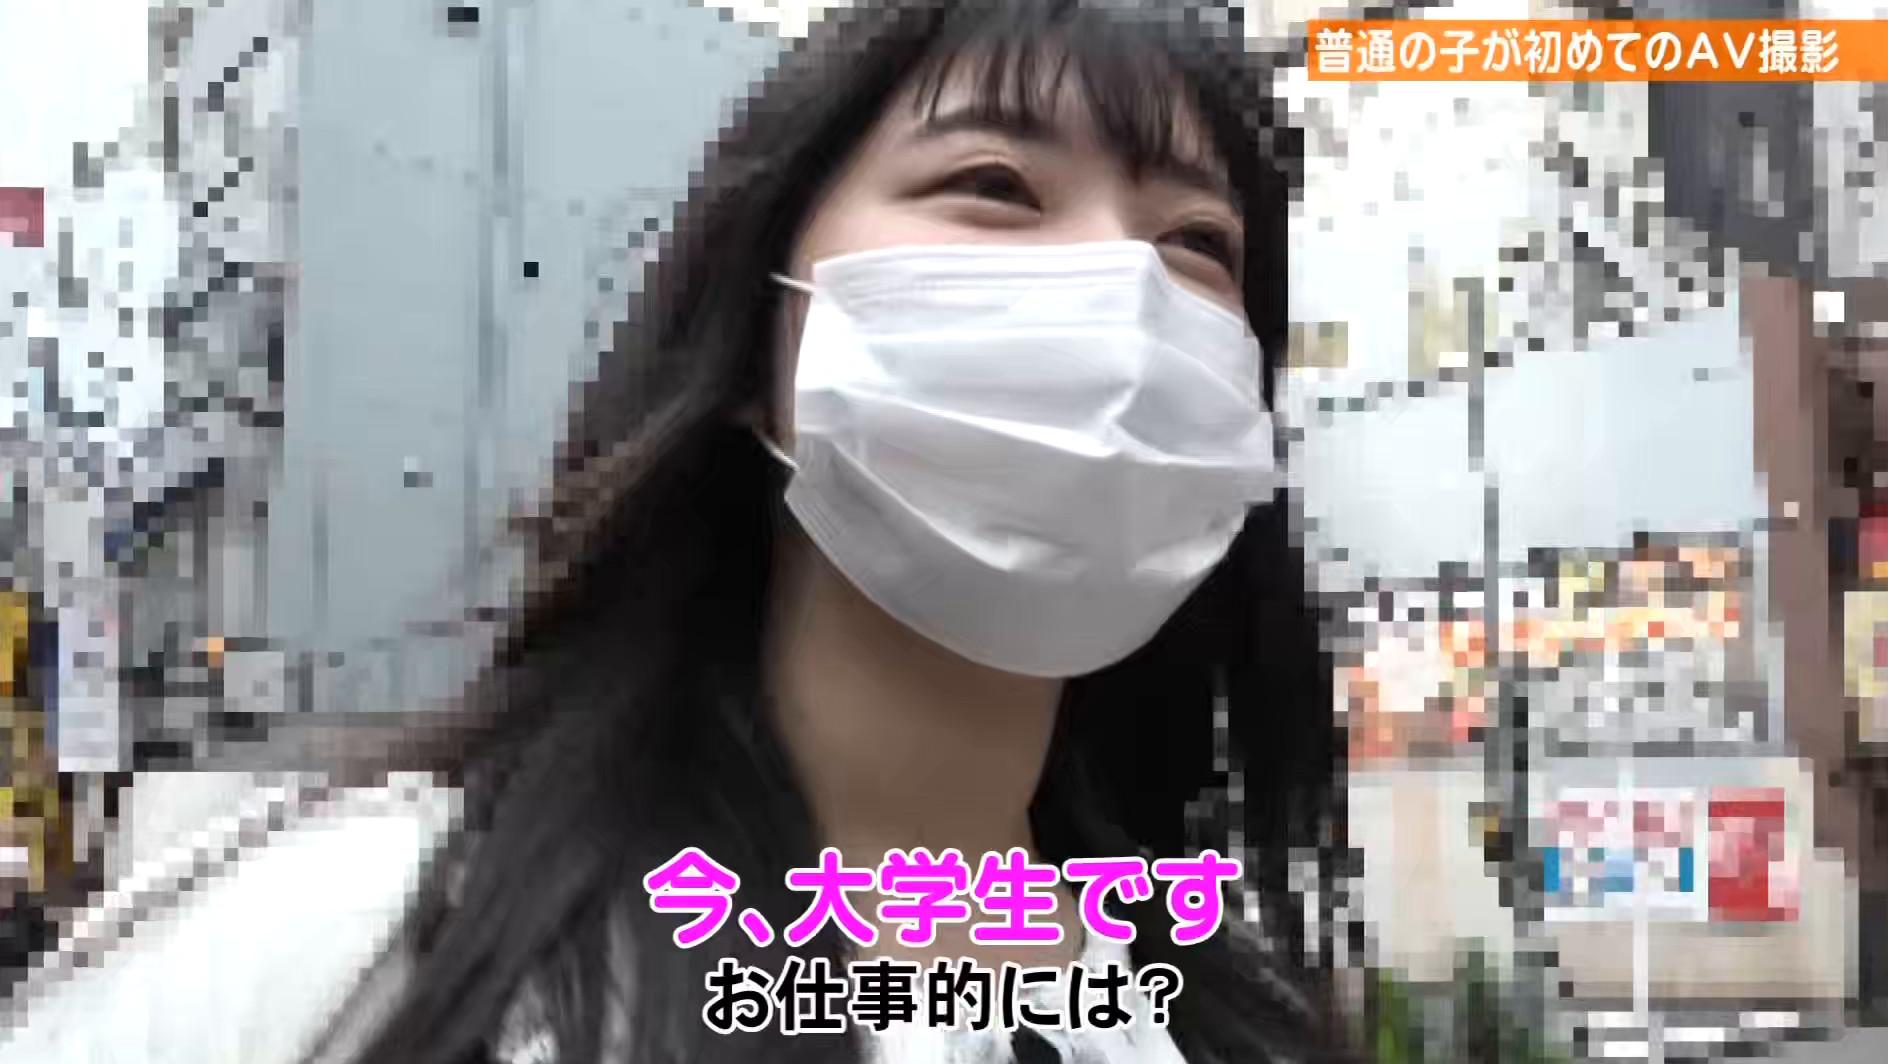 マスク着用を条件に自宅でエッチな撮影を了承してくれた普通の女子大生 ももちゃん 22歳,のサンプル画像1